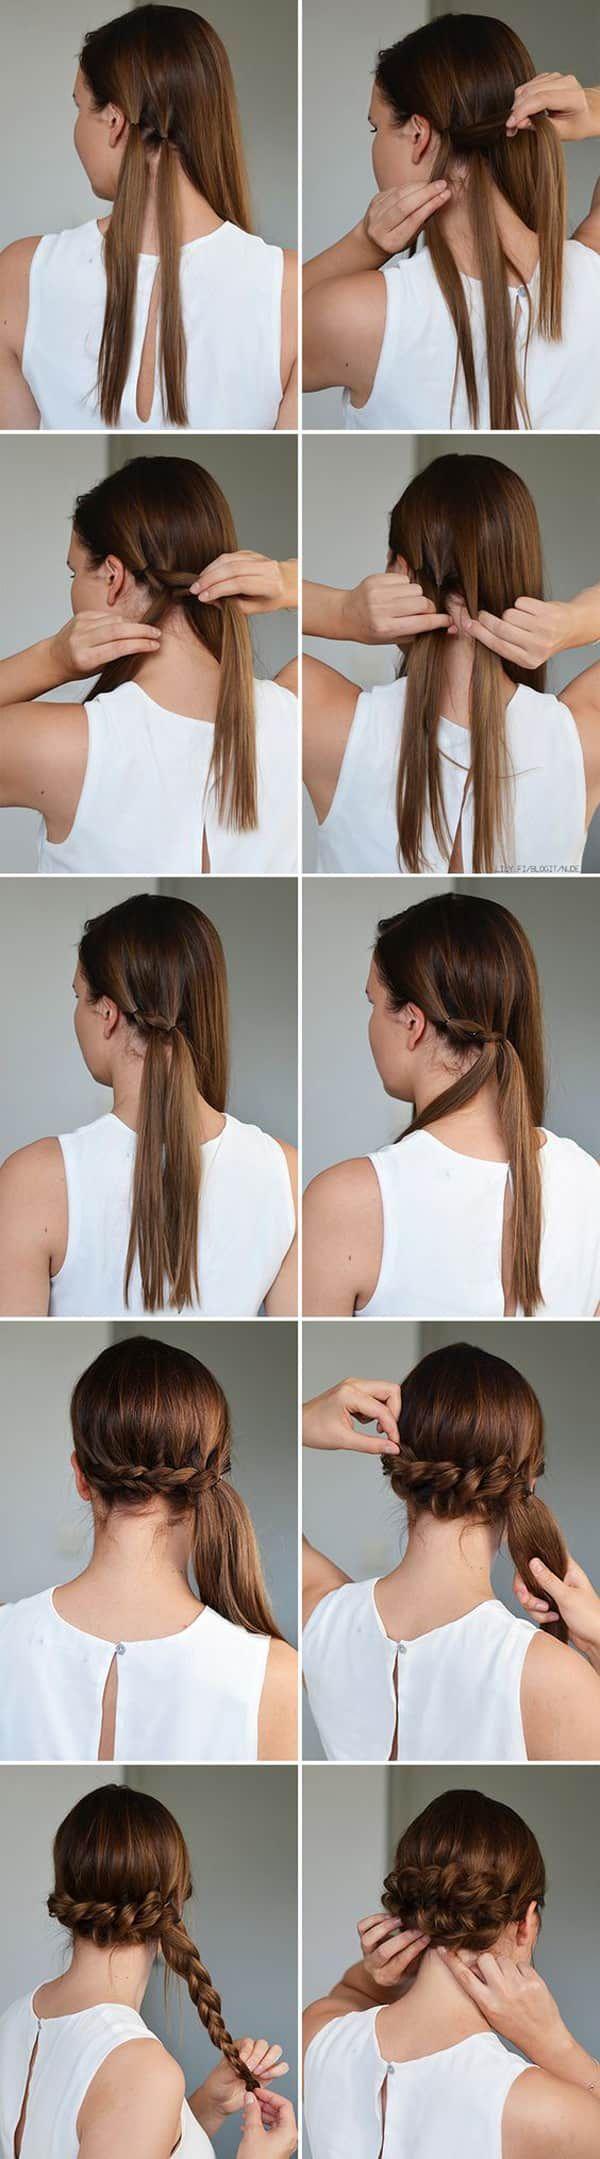 Повседневные прически для длинных, коротких и средних волос - разнообразные идеи и фото уроки. Большая коллекция стильных и лёгких причёсок на каждый день